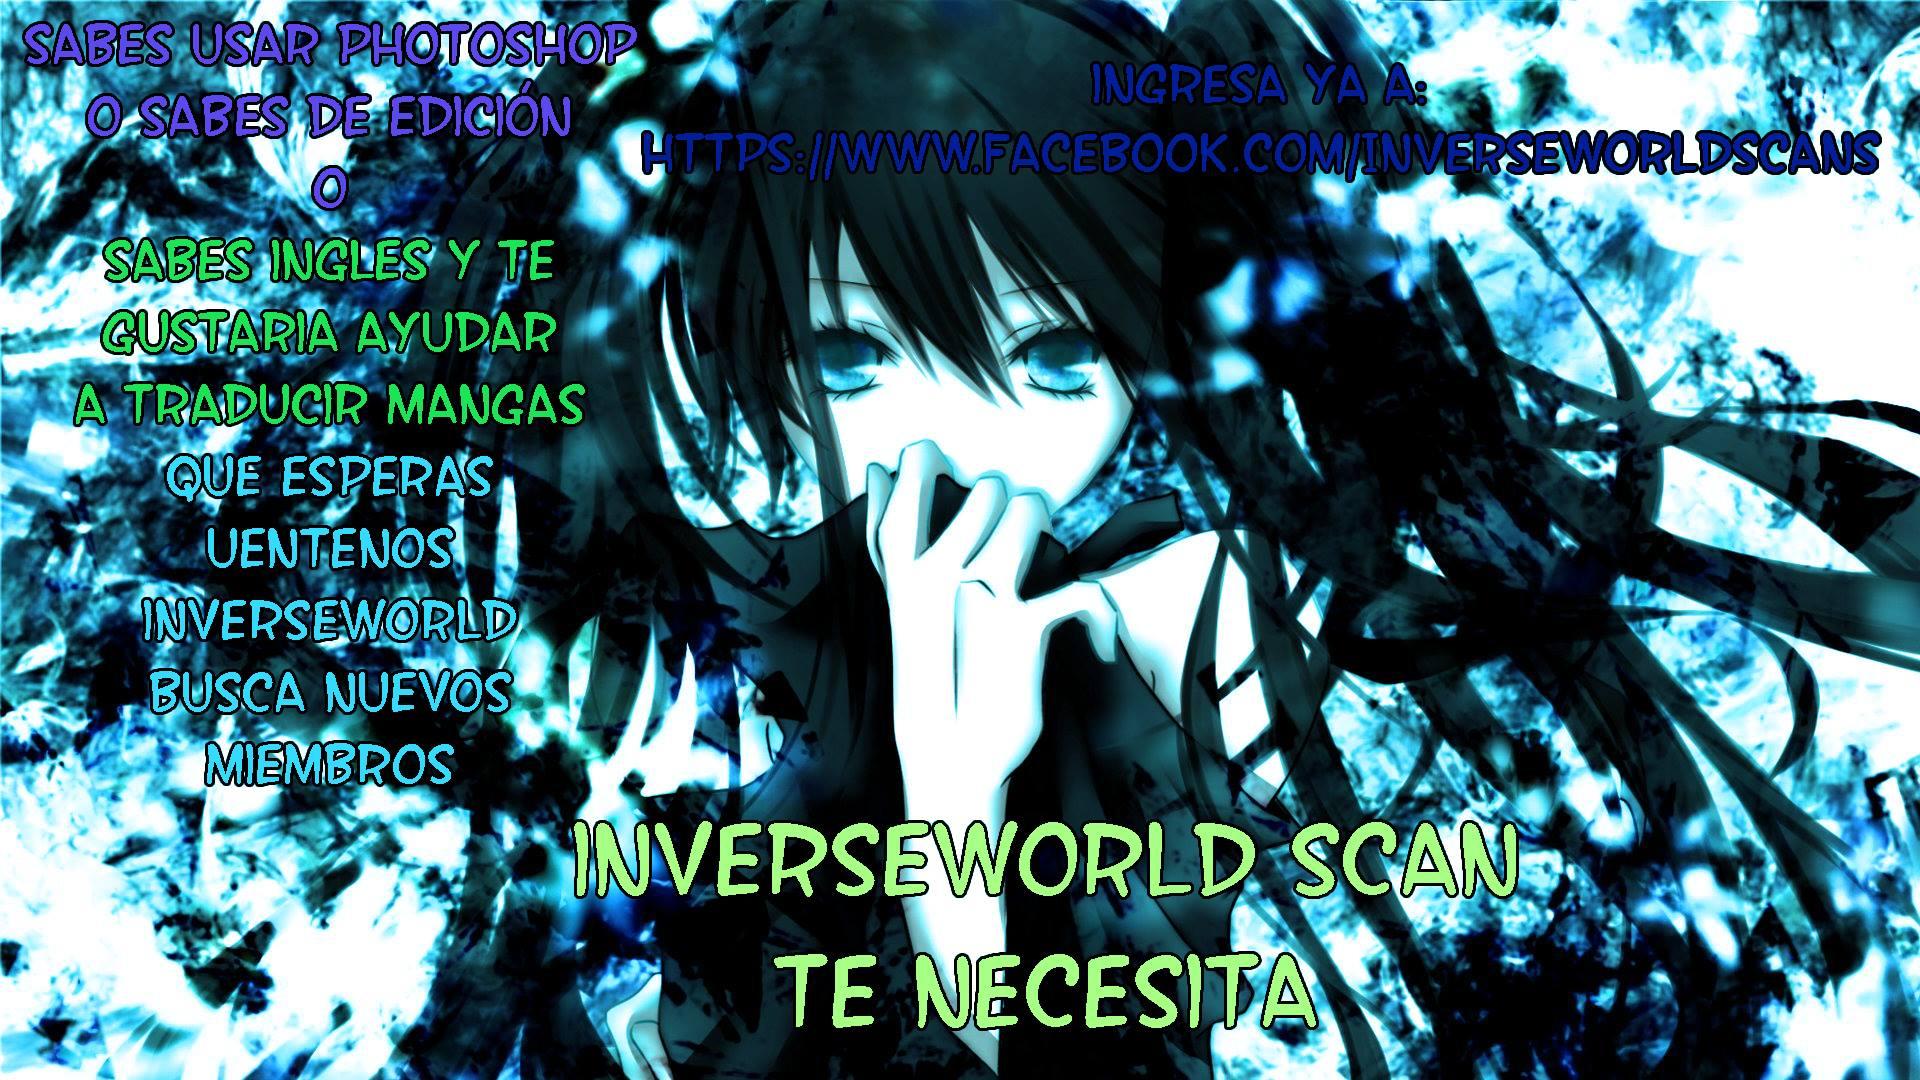 https://c5.mangatag.com/es_manga/18/16210/415331/519626a6bcb58aec01cd1cc6cdb0dbbe.jpg Page 1